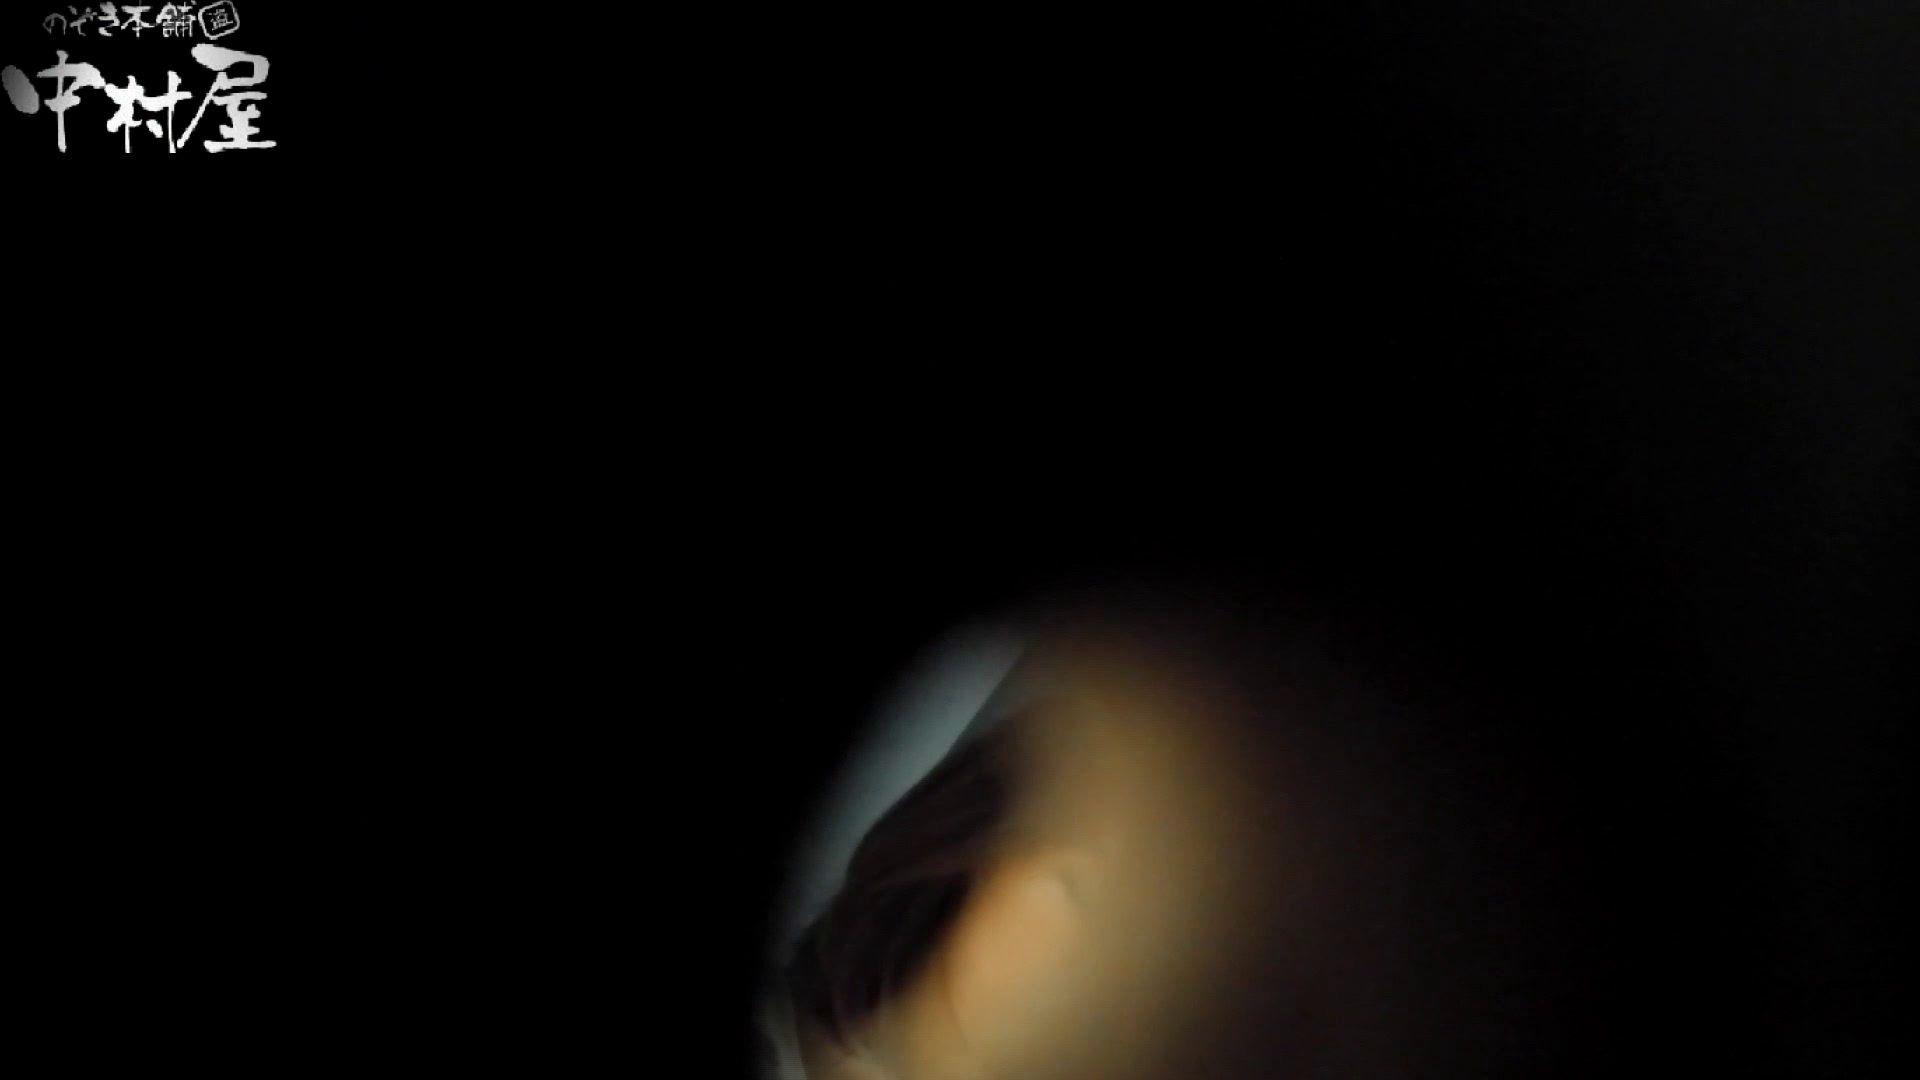 世界の射窓から vol.45 尻出しスマホ 後編 洗面所 | OLのエロ生活  50連発 13